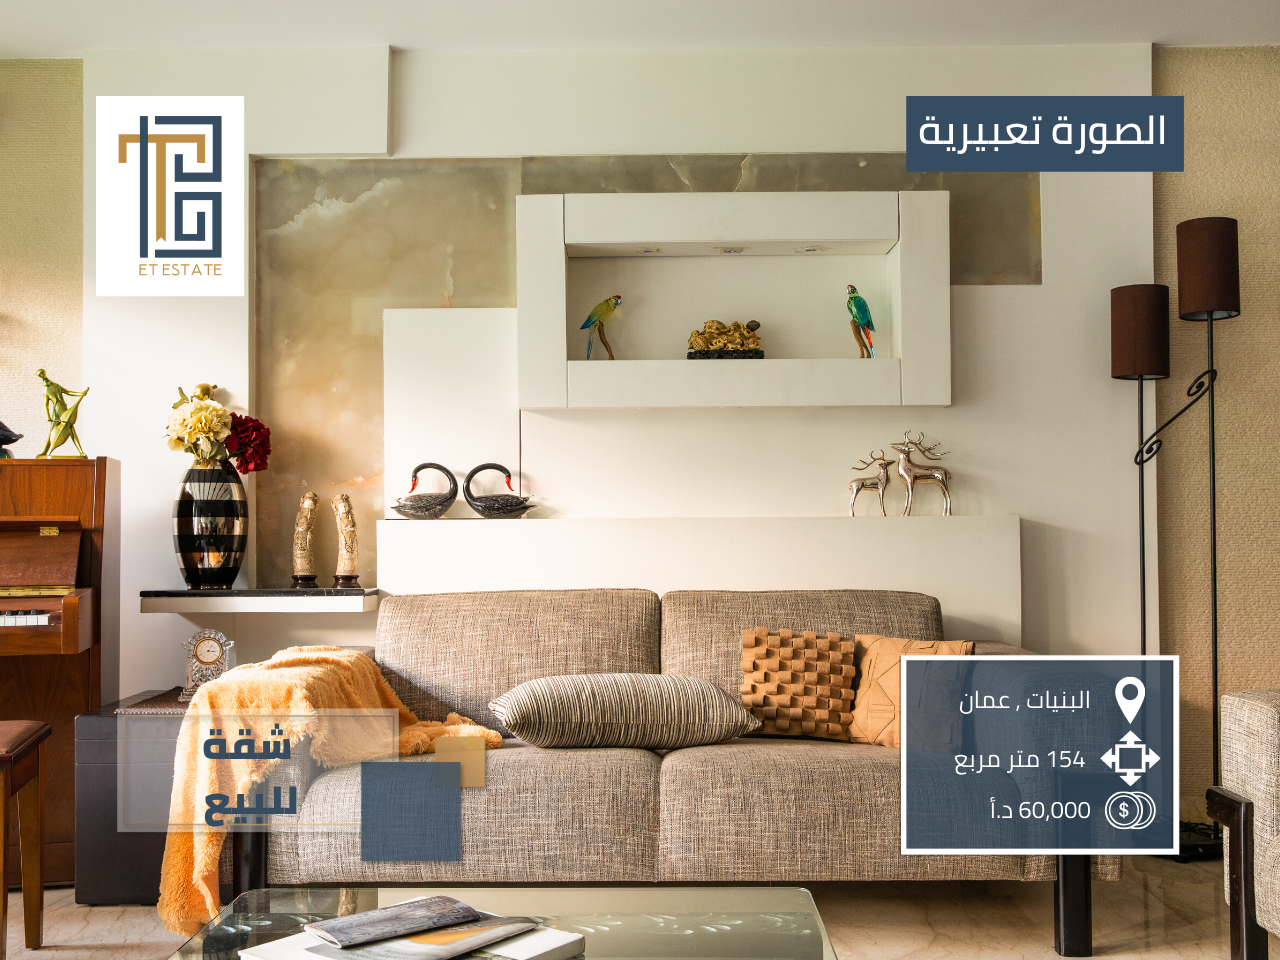 شقة للبيع في البنيات في عمان